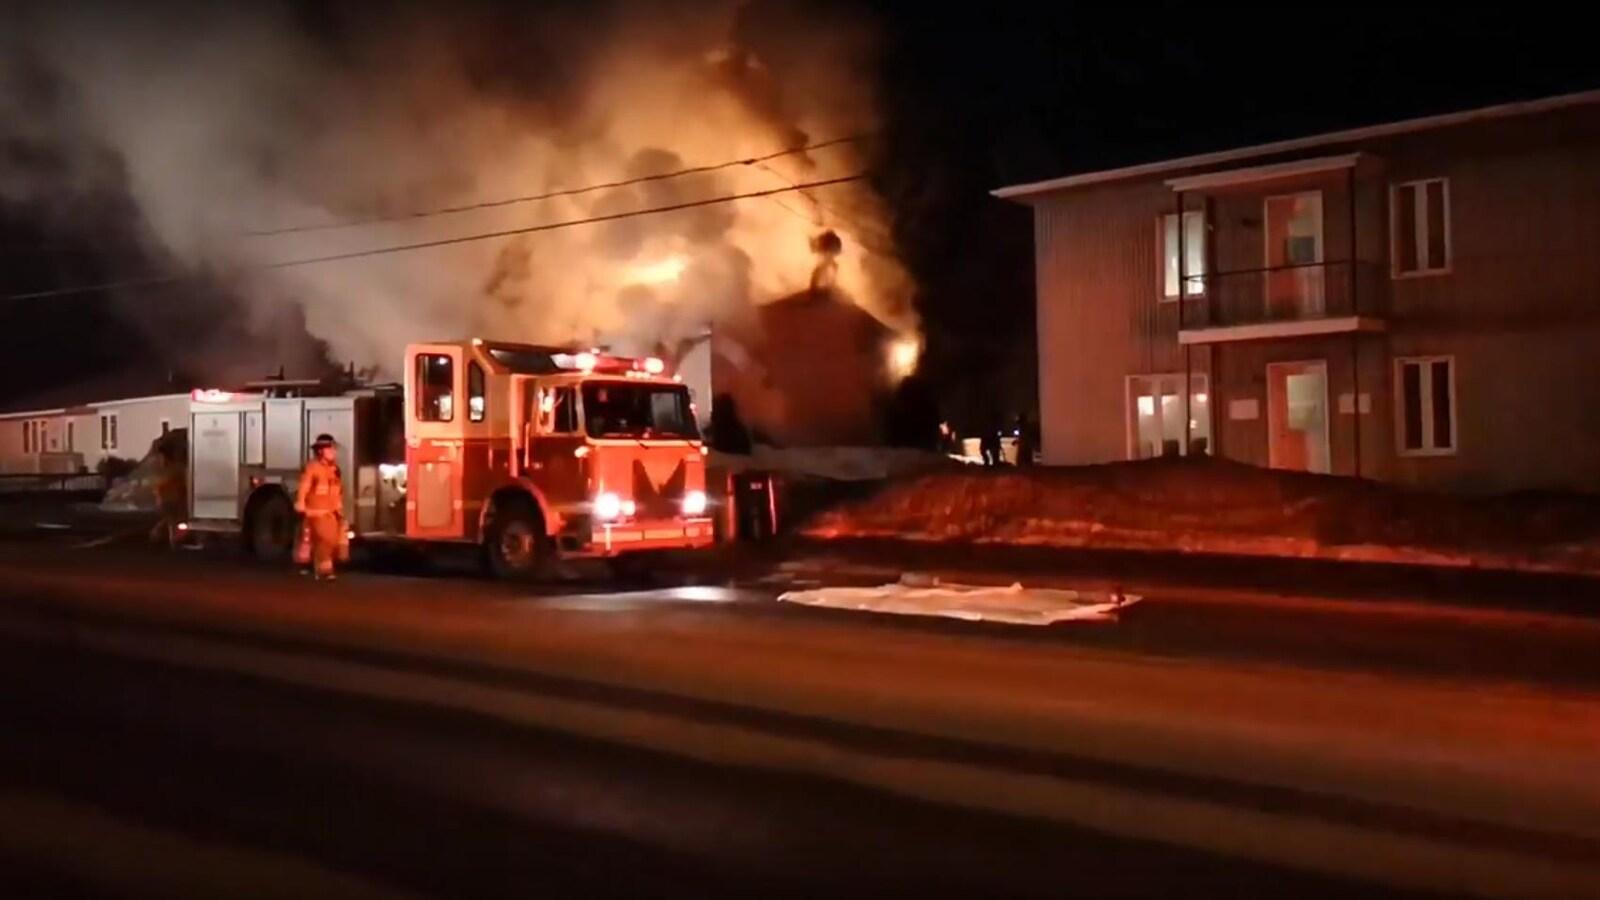 Des camions de pompiers devant une maison en feu